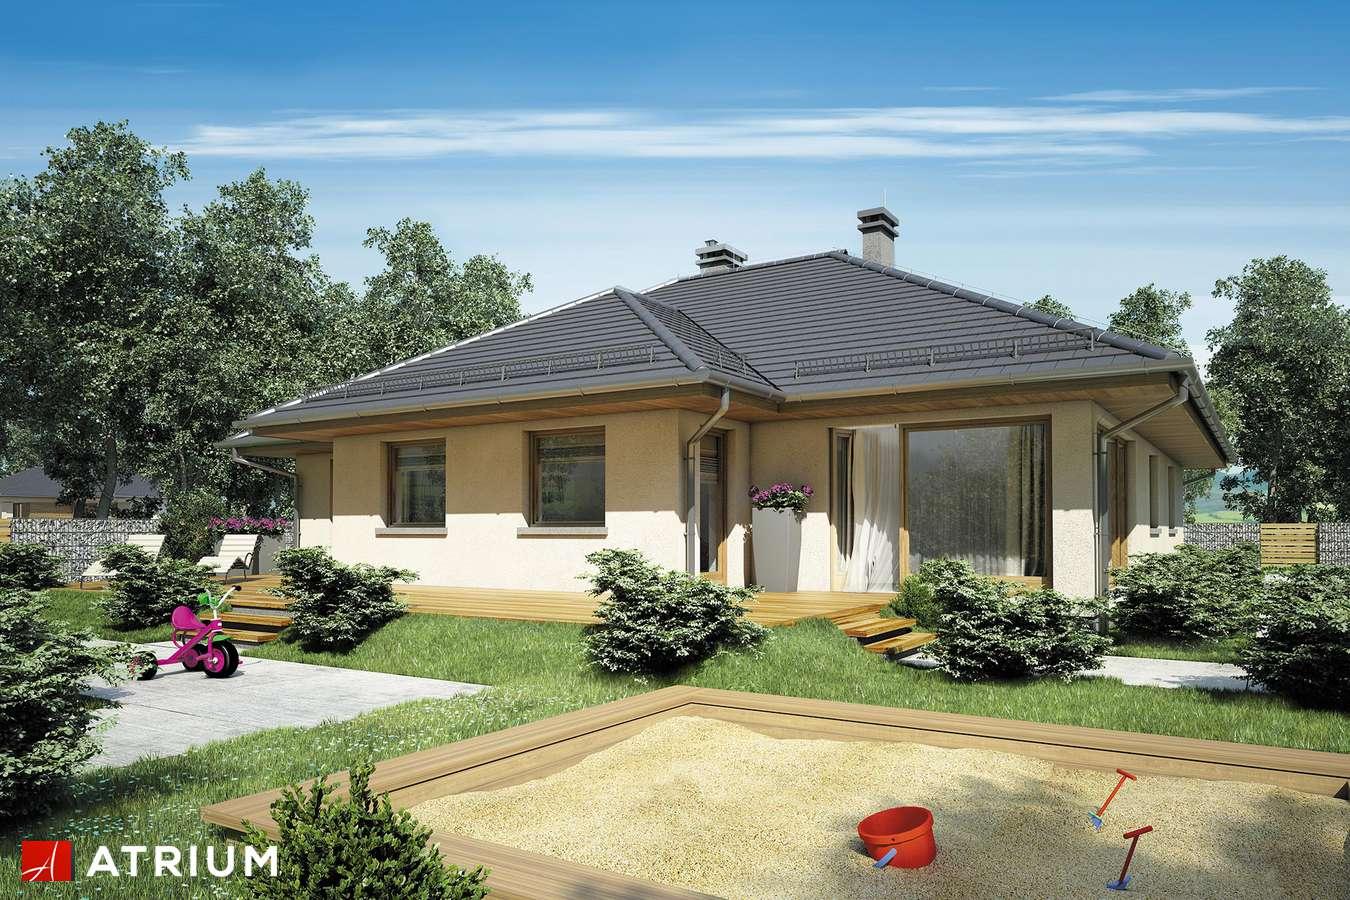 Projekty domów - Projekt domu parterowego SATURN II - wizualizacja 2